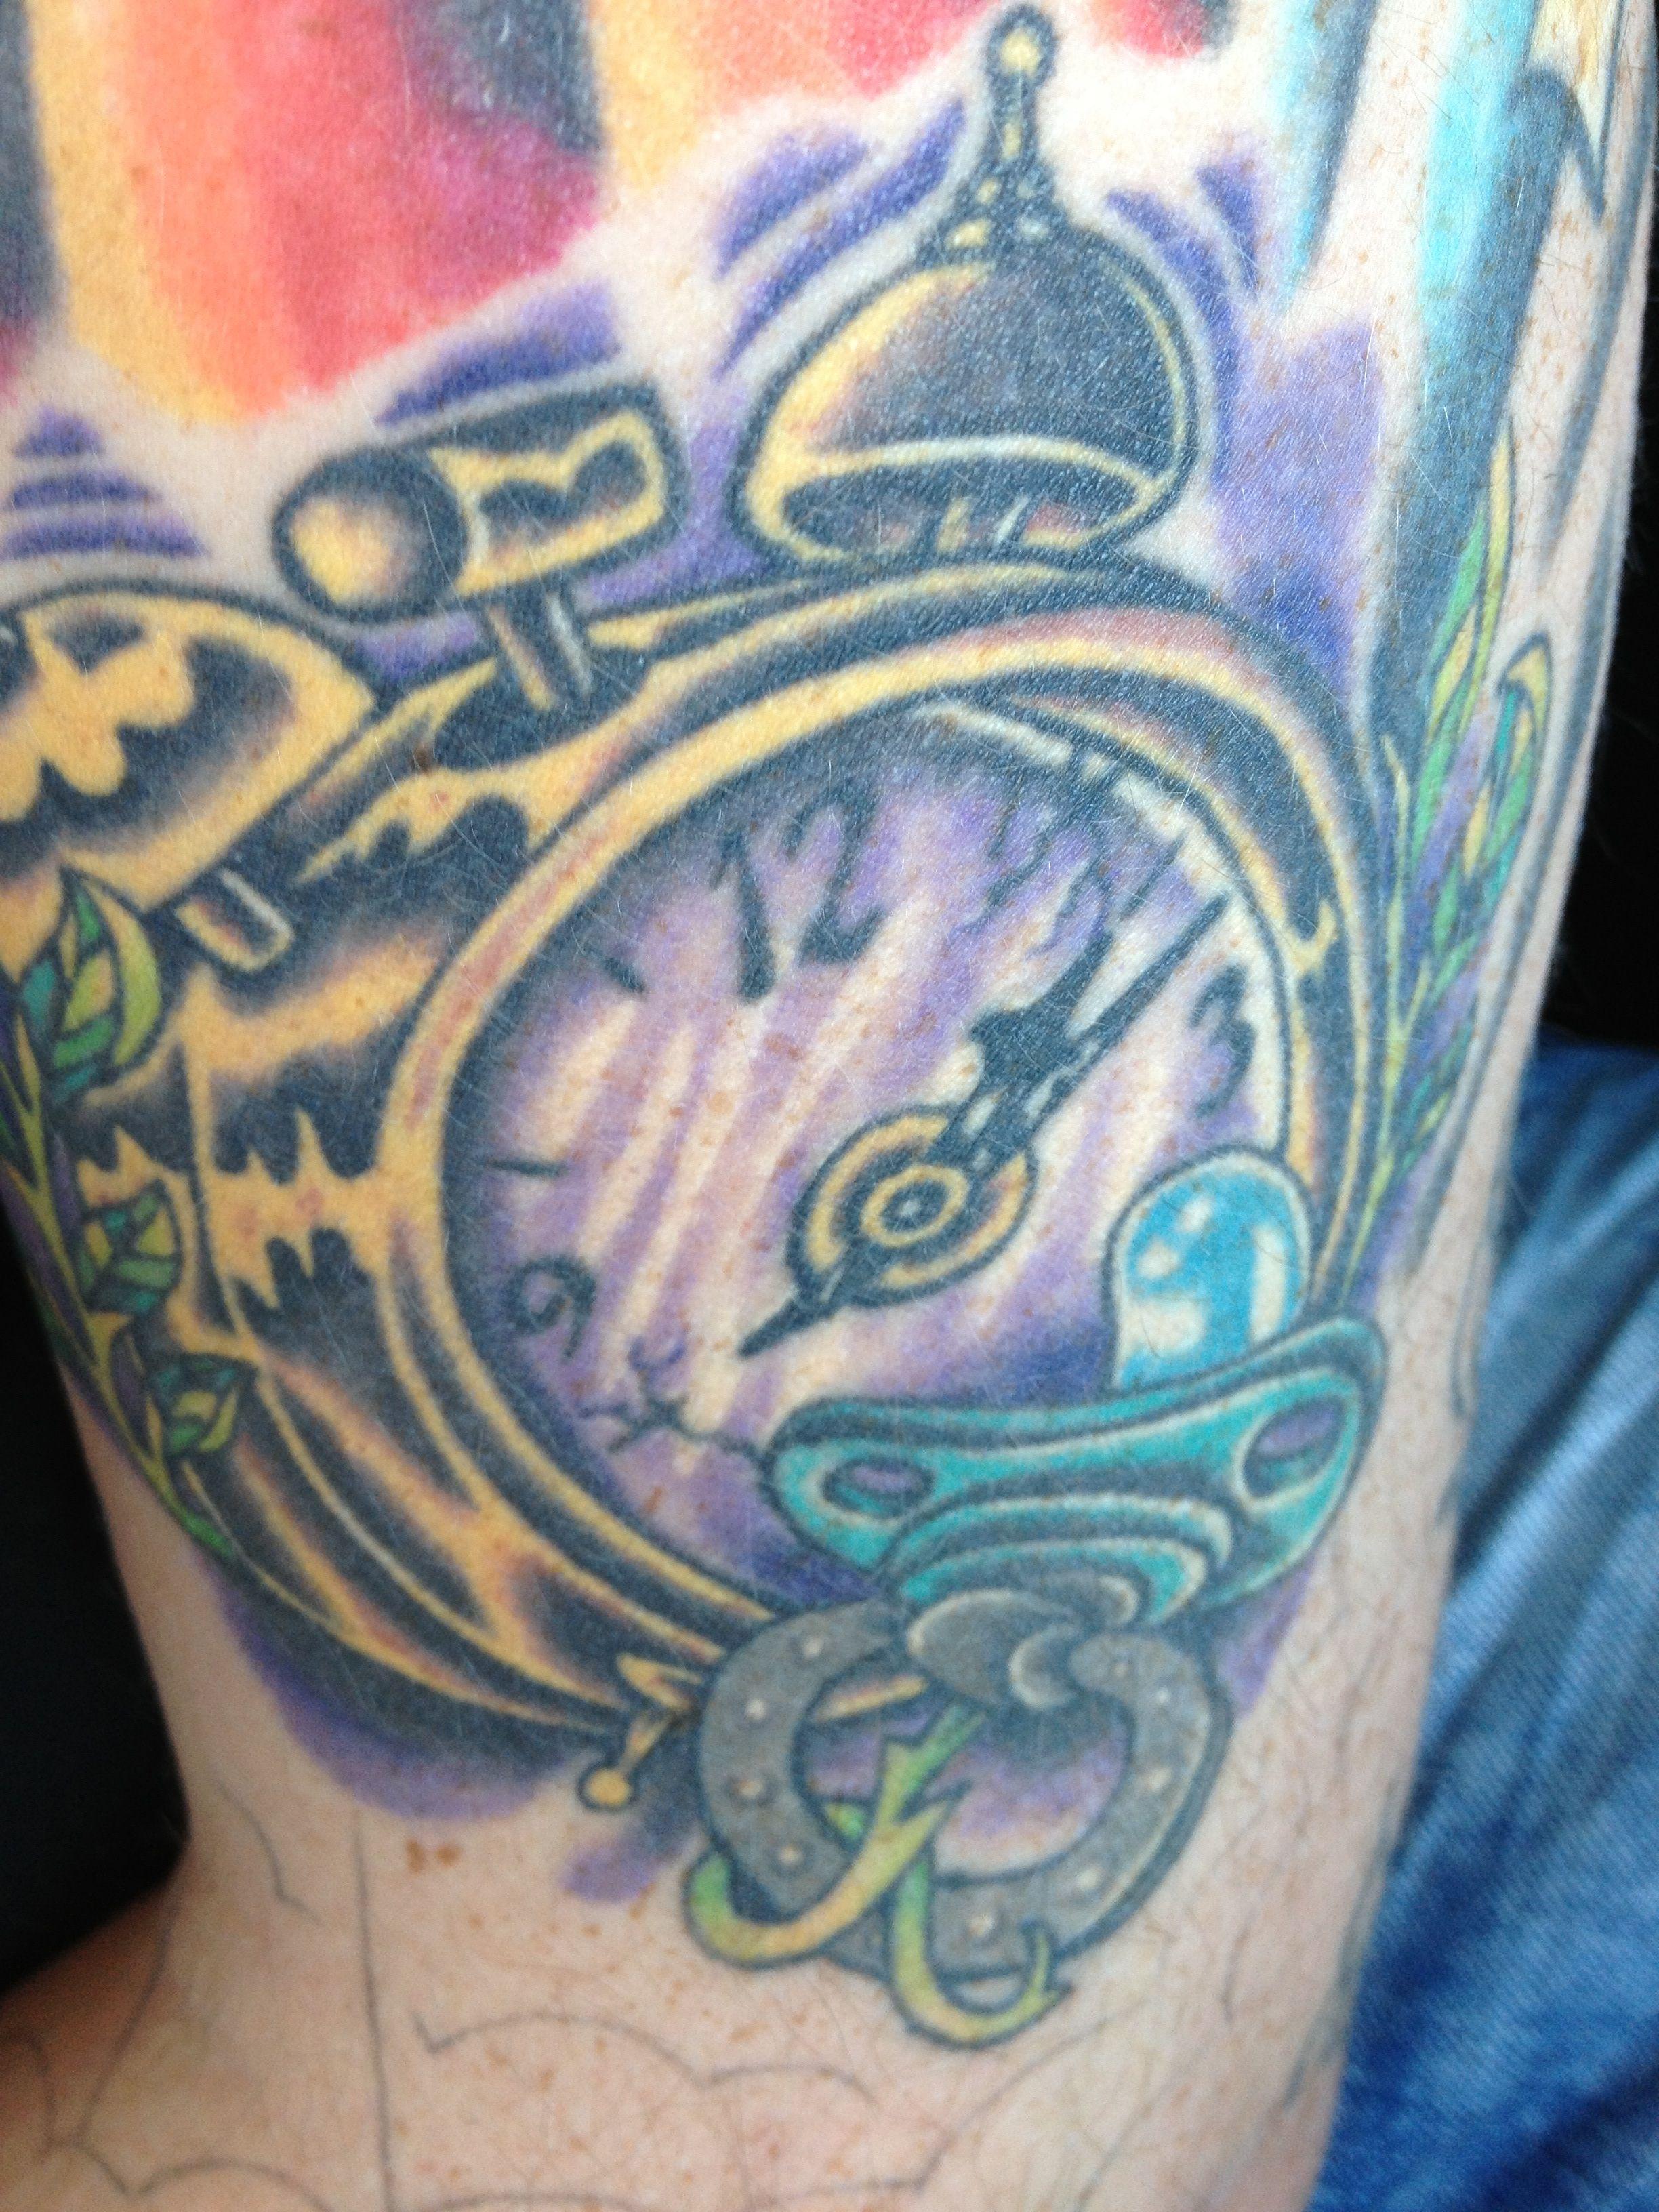 1906 10 AD Alarm Clock Pirate Tattoo Jr Strenuous ...  |Alarm Clock Tattoo